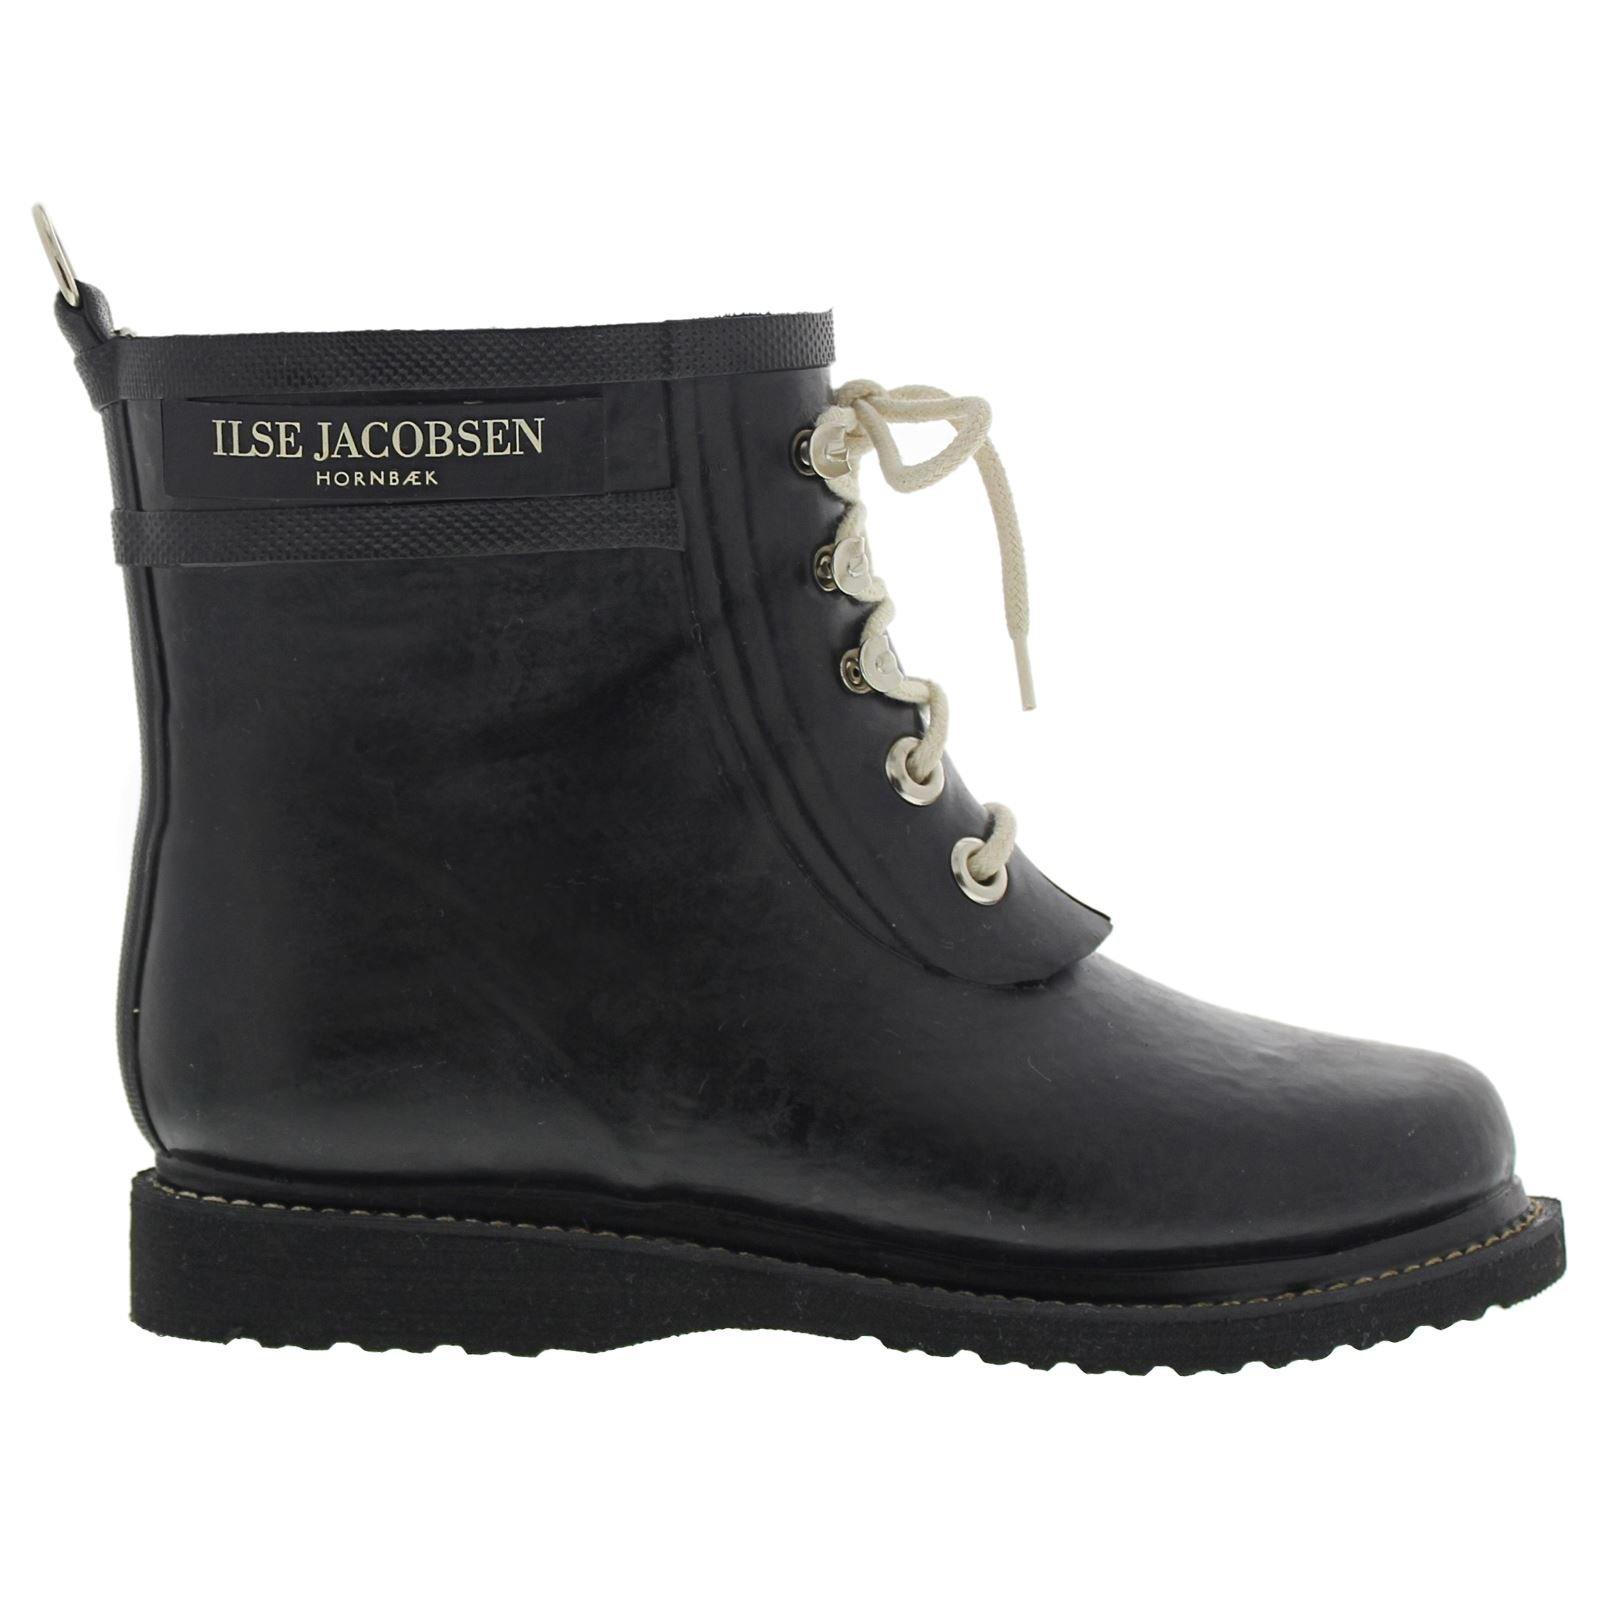 Ilse Jacobsen Rub2 Boot - Women's Black 40